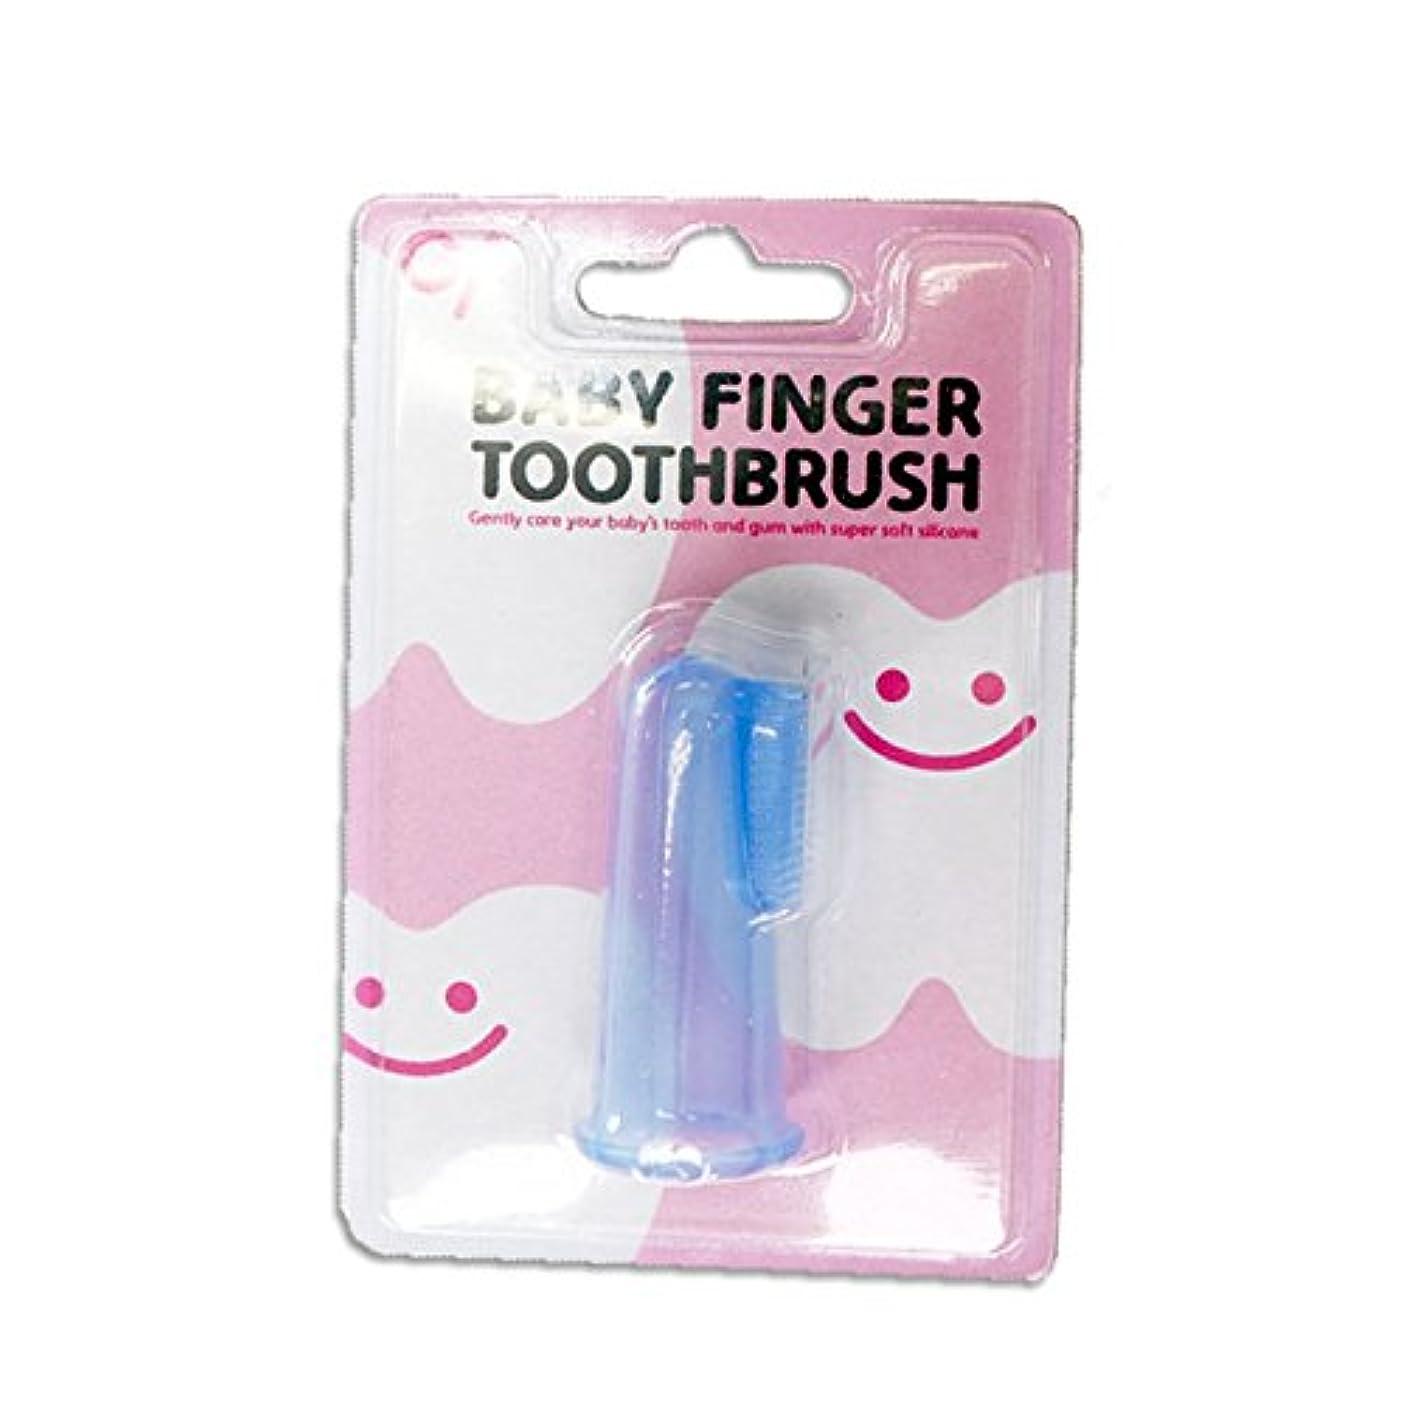 滑り台安息肯定的ベビーフィンガートゥースブラッシュ ベビーフィンガー歯ブラシ 12個入り BABY FINGER TOOTHBRUSH